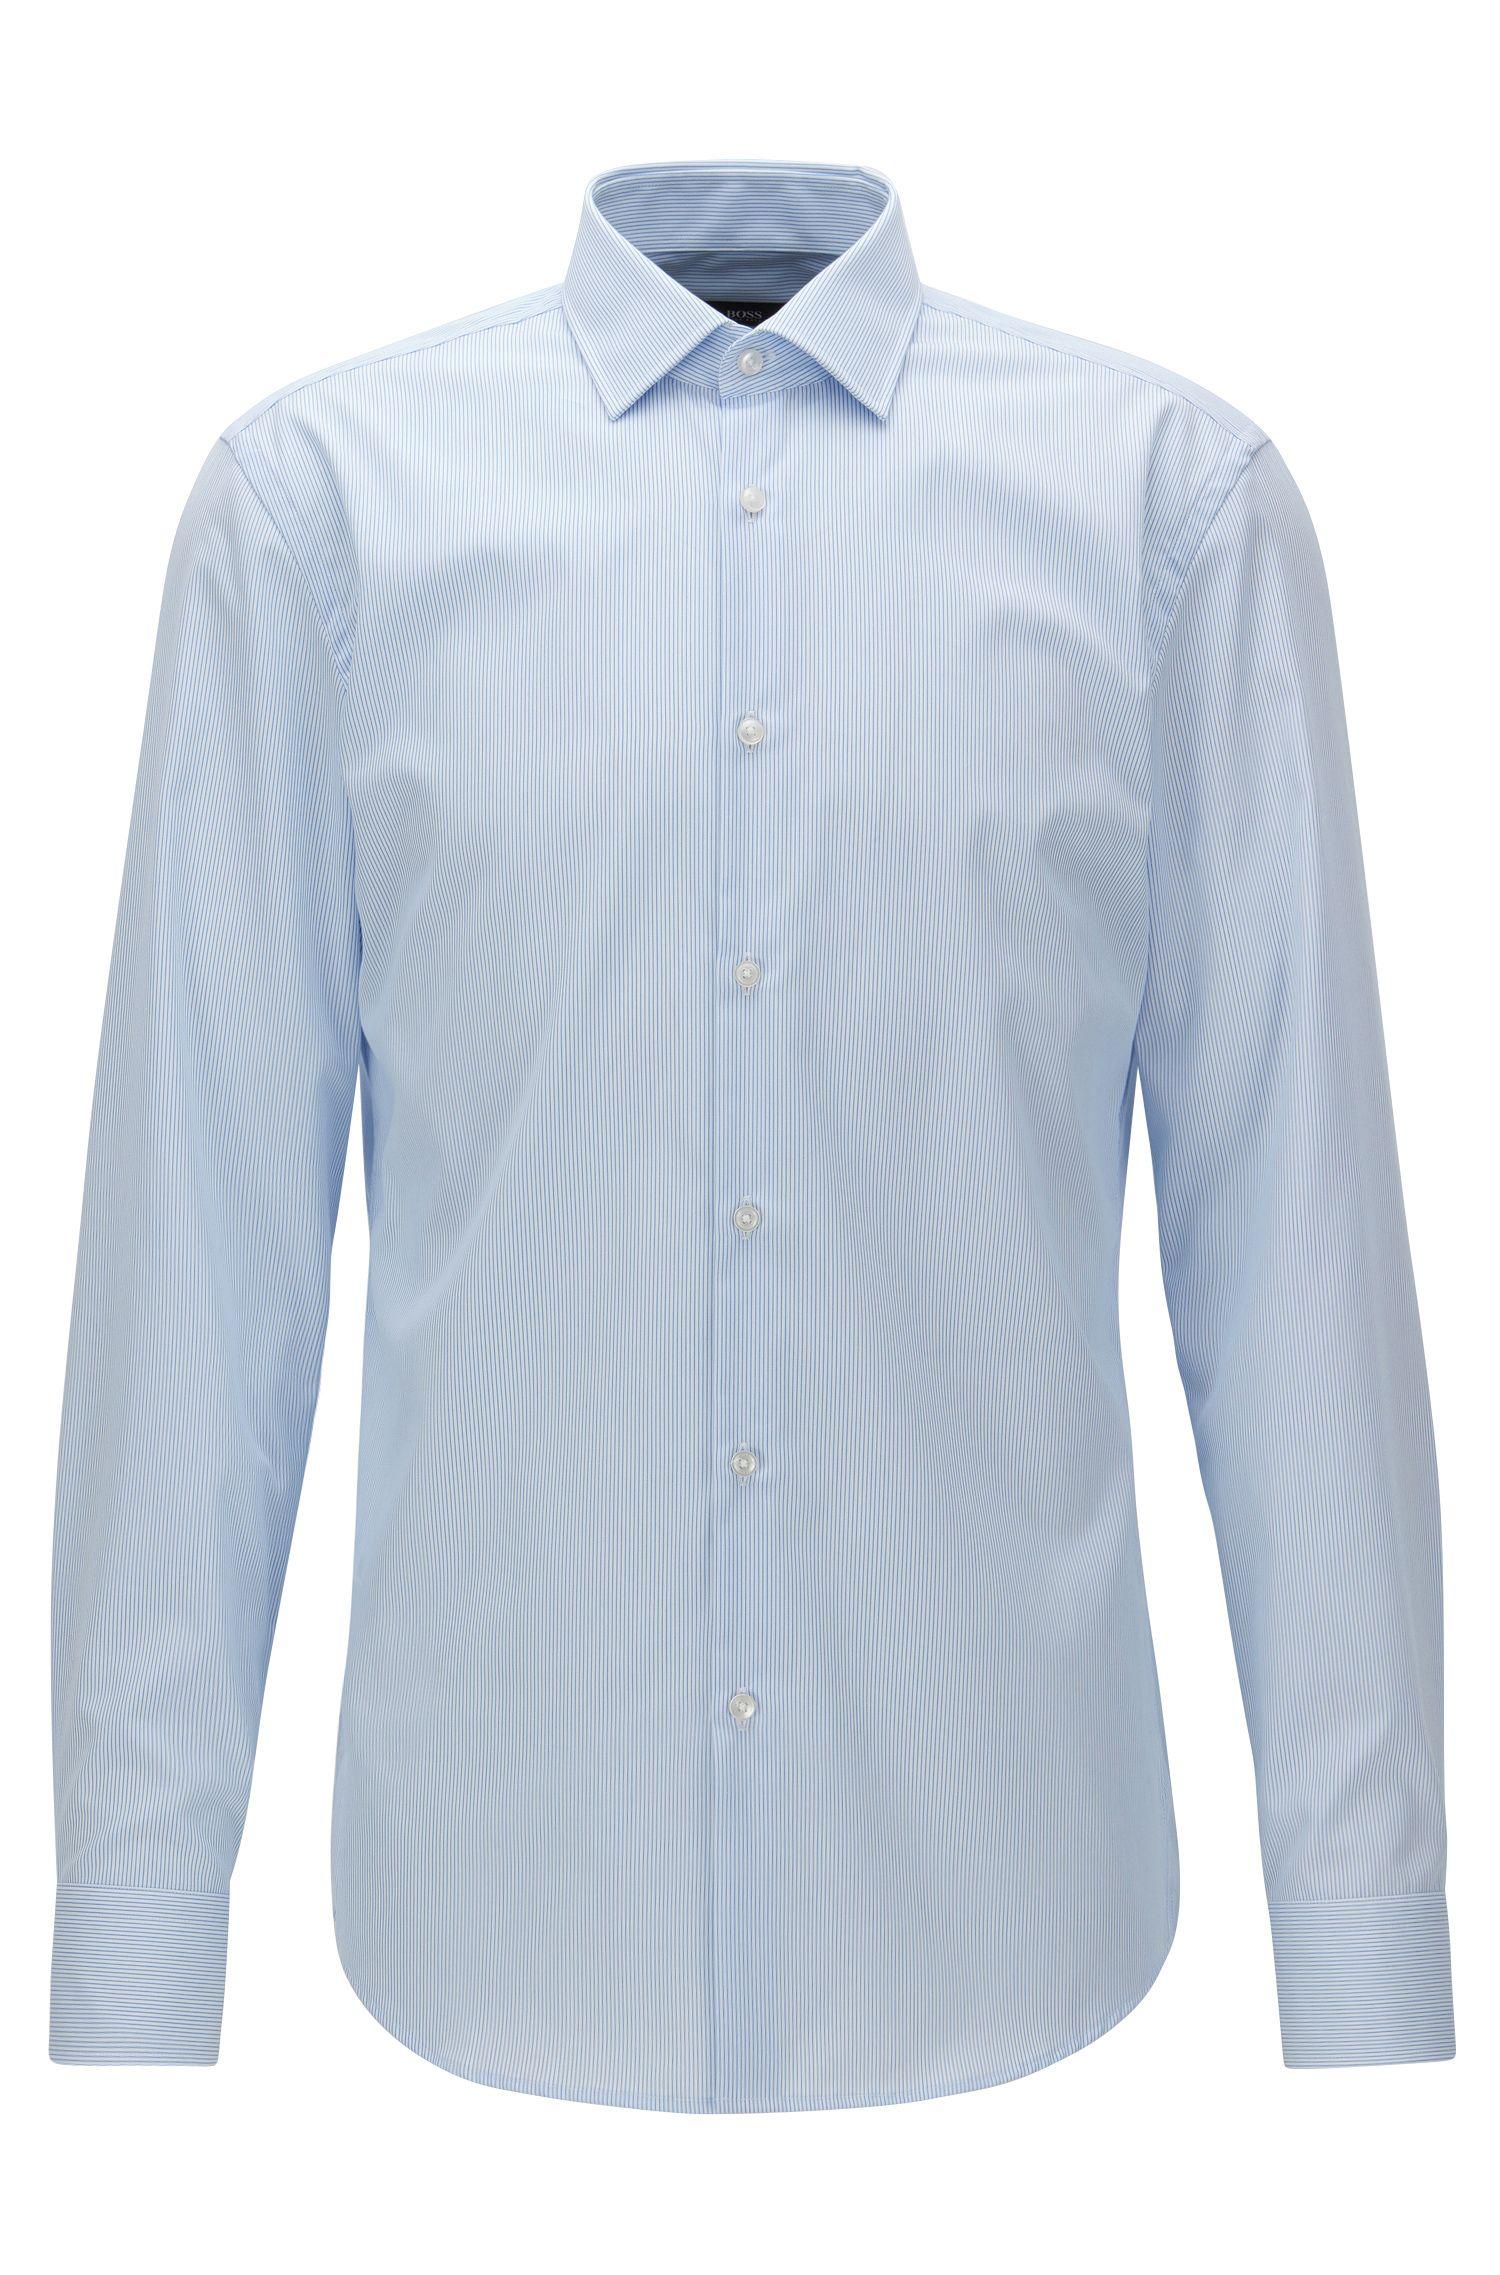 Fein gestreiftes Slim-Fit Hemd aus bügelleichter Baumwolle